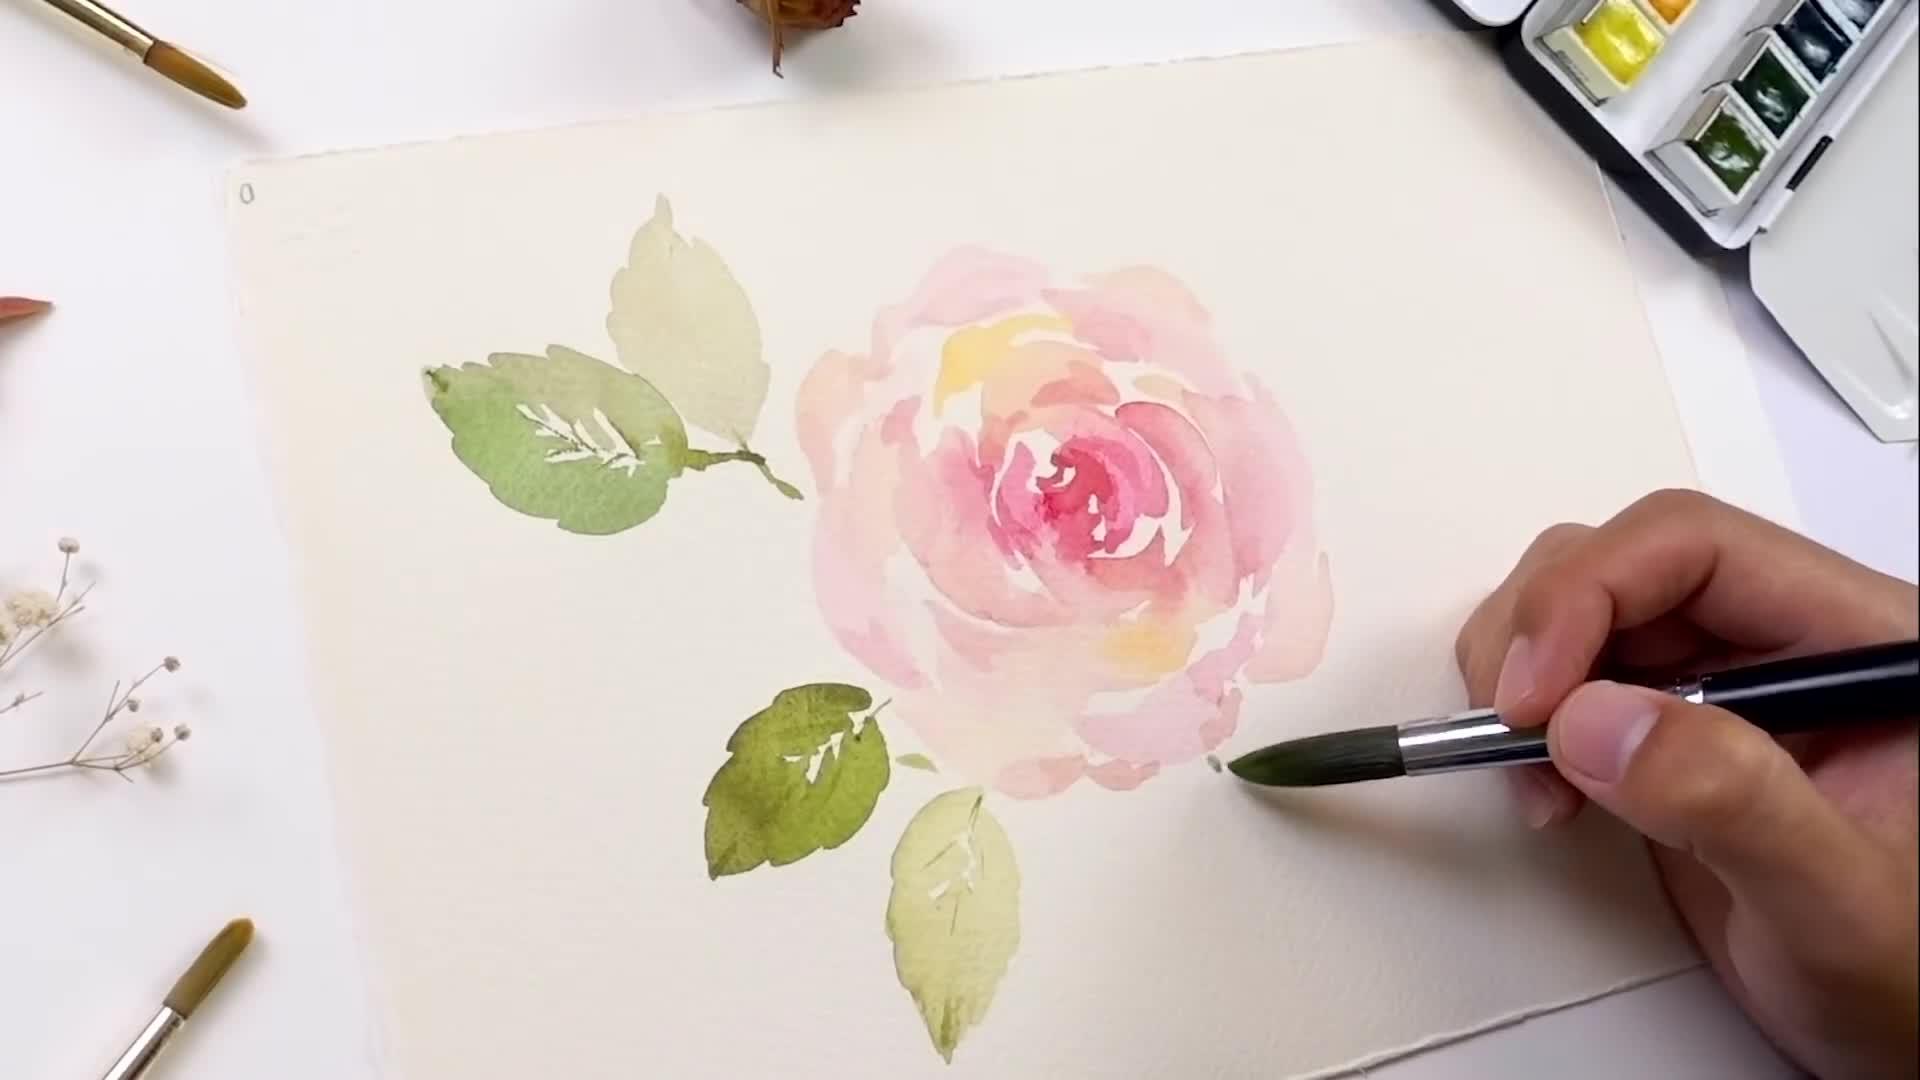 水彩画入门教程:玫瑰与树叶水彩手绘过程